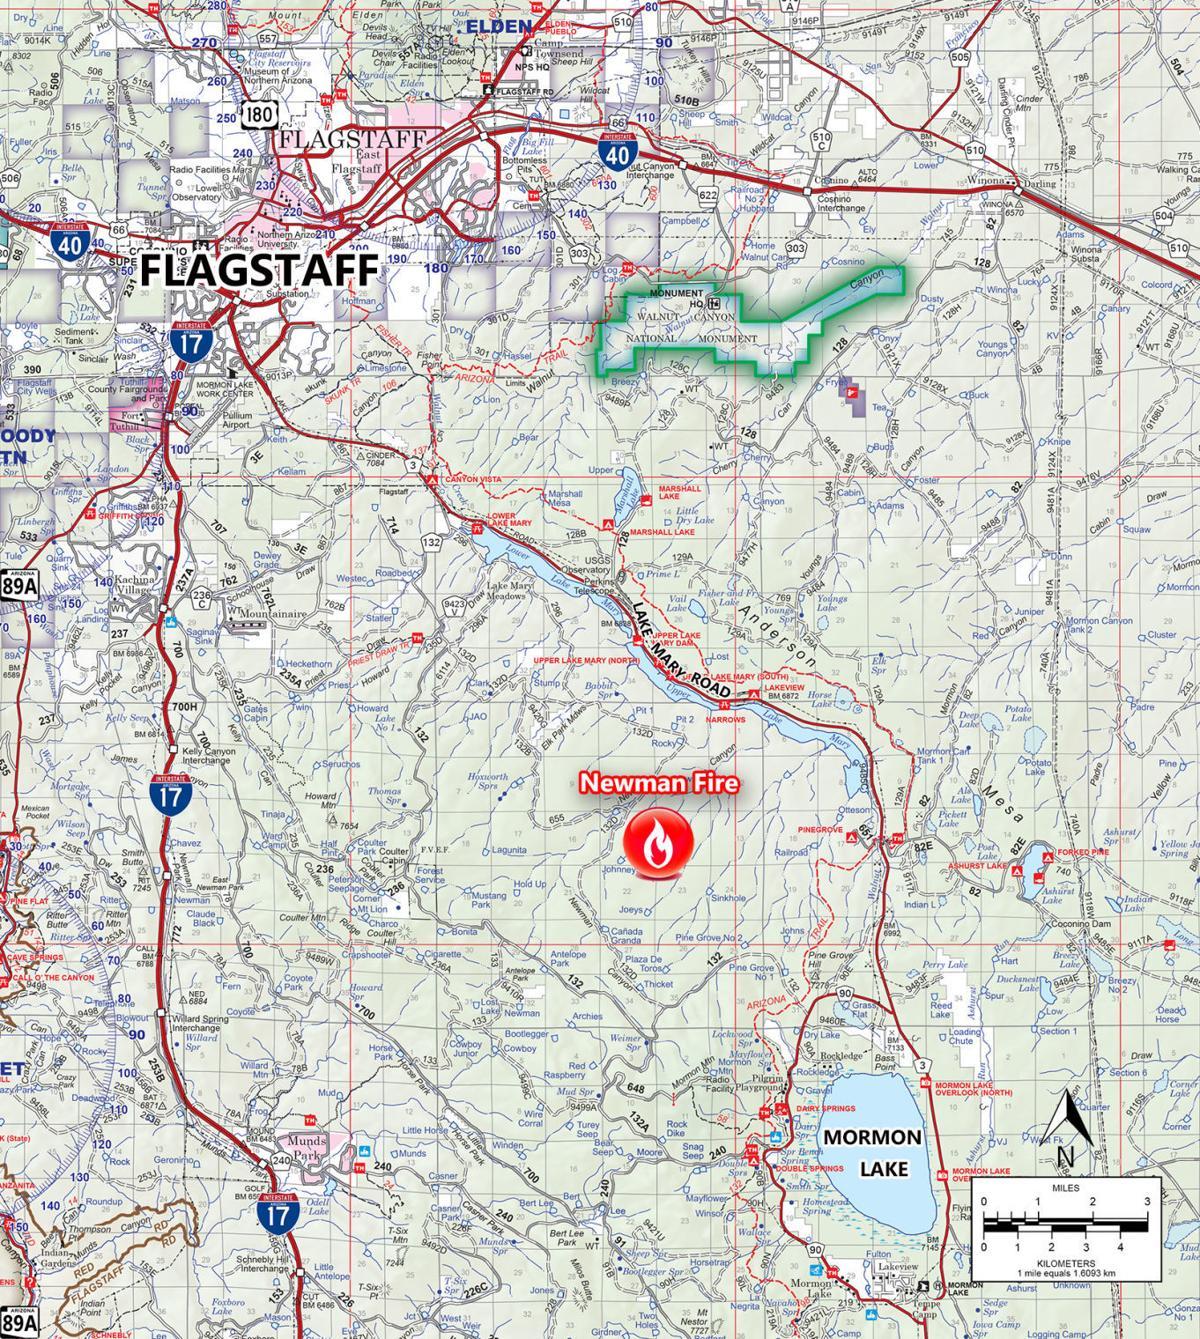 Newman Fire map